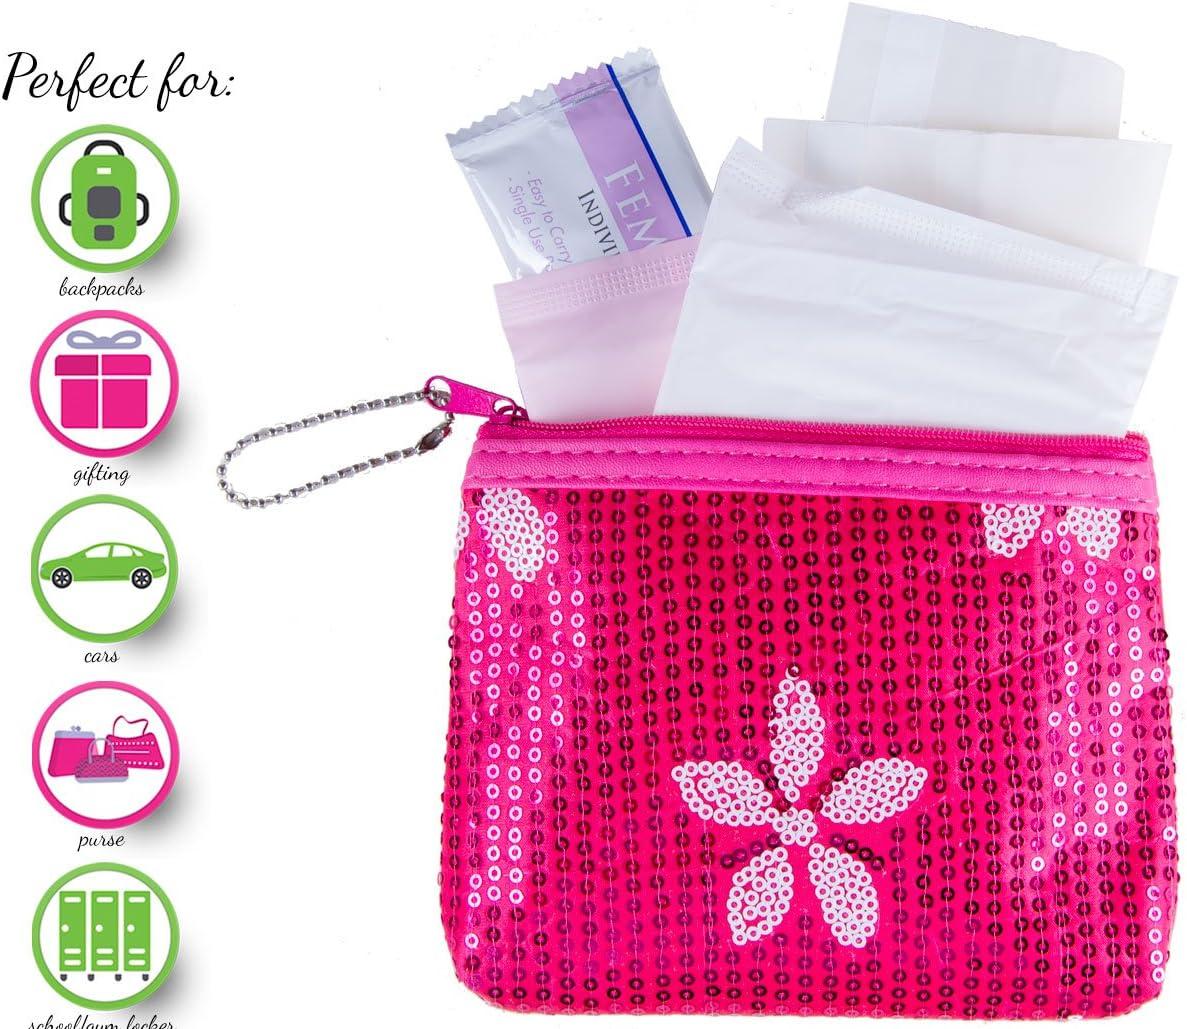 Kit de menstruación – Kit de primer período para llevar (kit de iniciación de periodo con almohadillas naturales) 1 , Rosado, 1